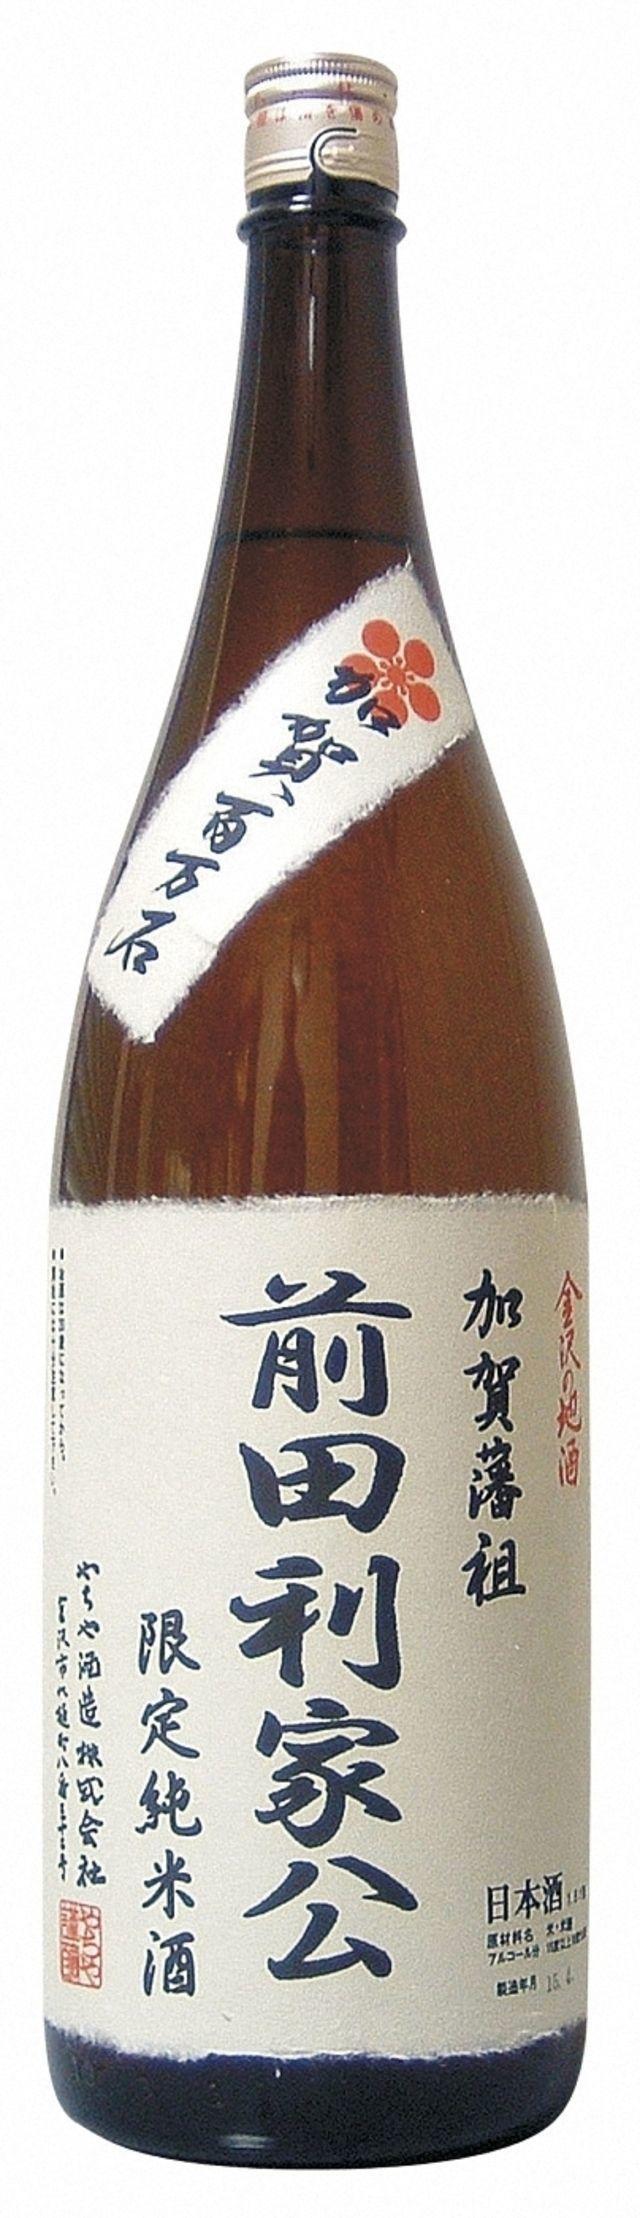 【関東、中部、近畿限定出荷】前田利家公 特別純米